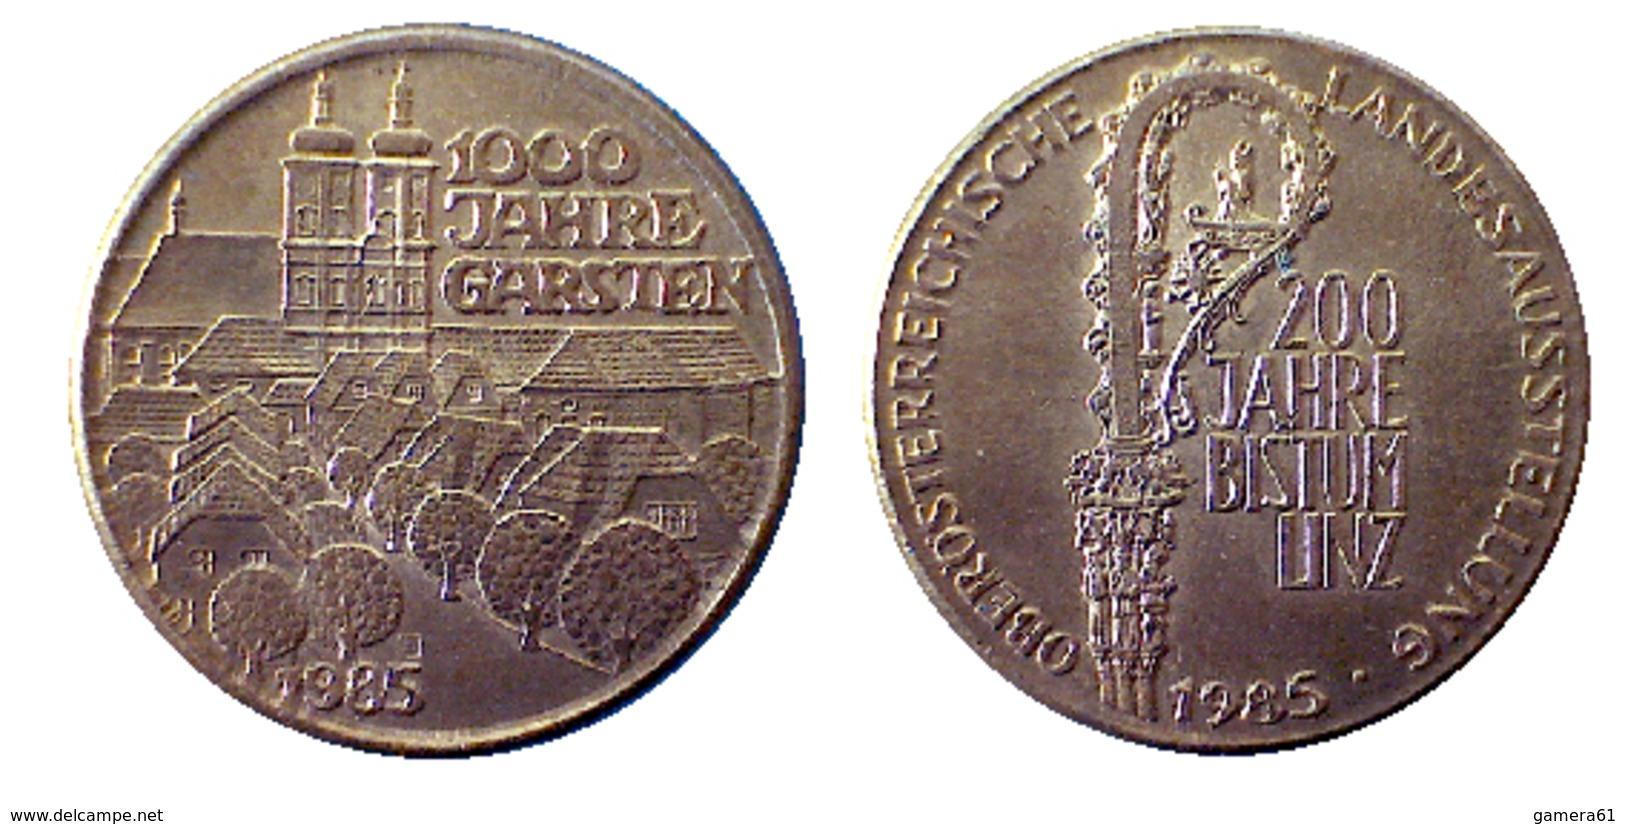 03709 GETTONE TOKEN JETON FICHA MUNICIPAL COMMEMORATIVE 1000 JAHRE GARSTEN - Allemagne